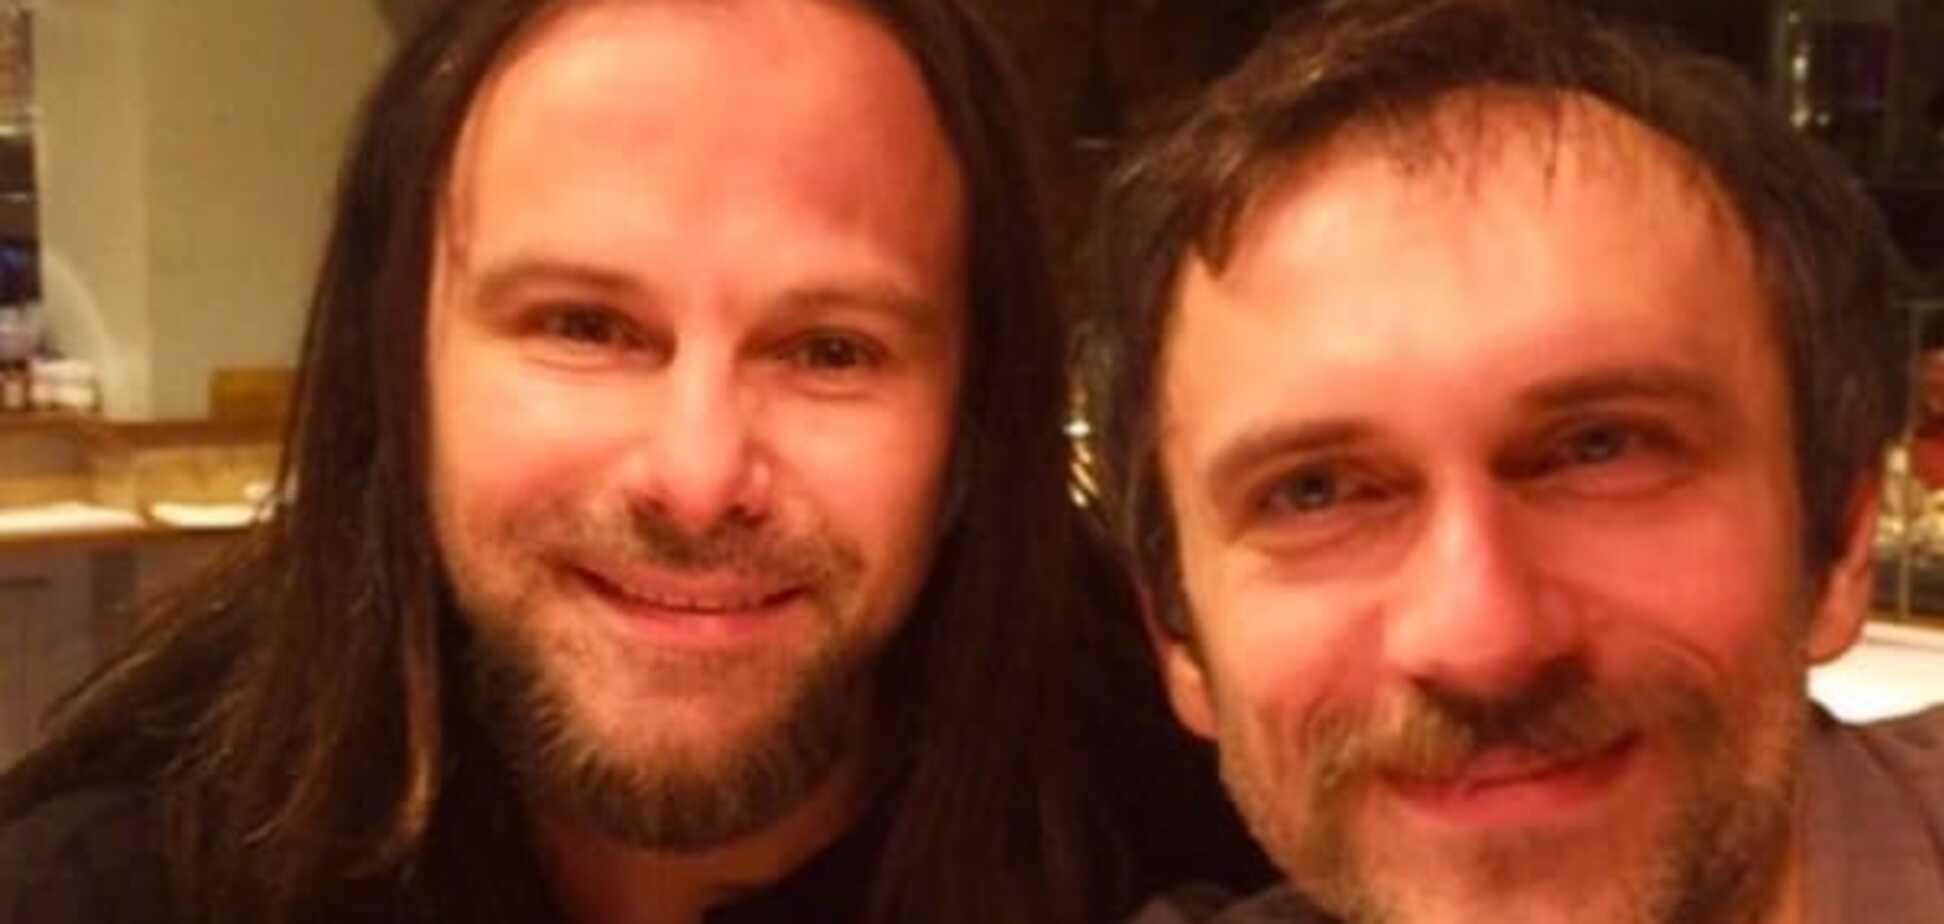 Вакарчук з довгим волоссям і бородою розсмішив користувачів мережі